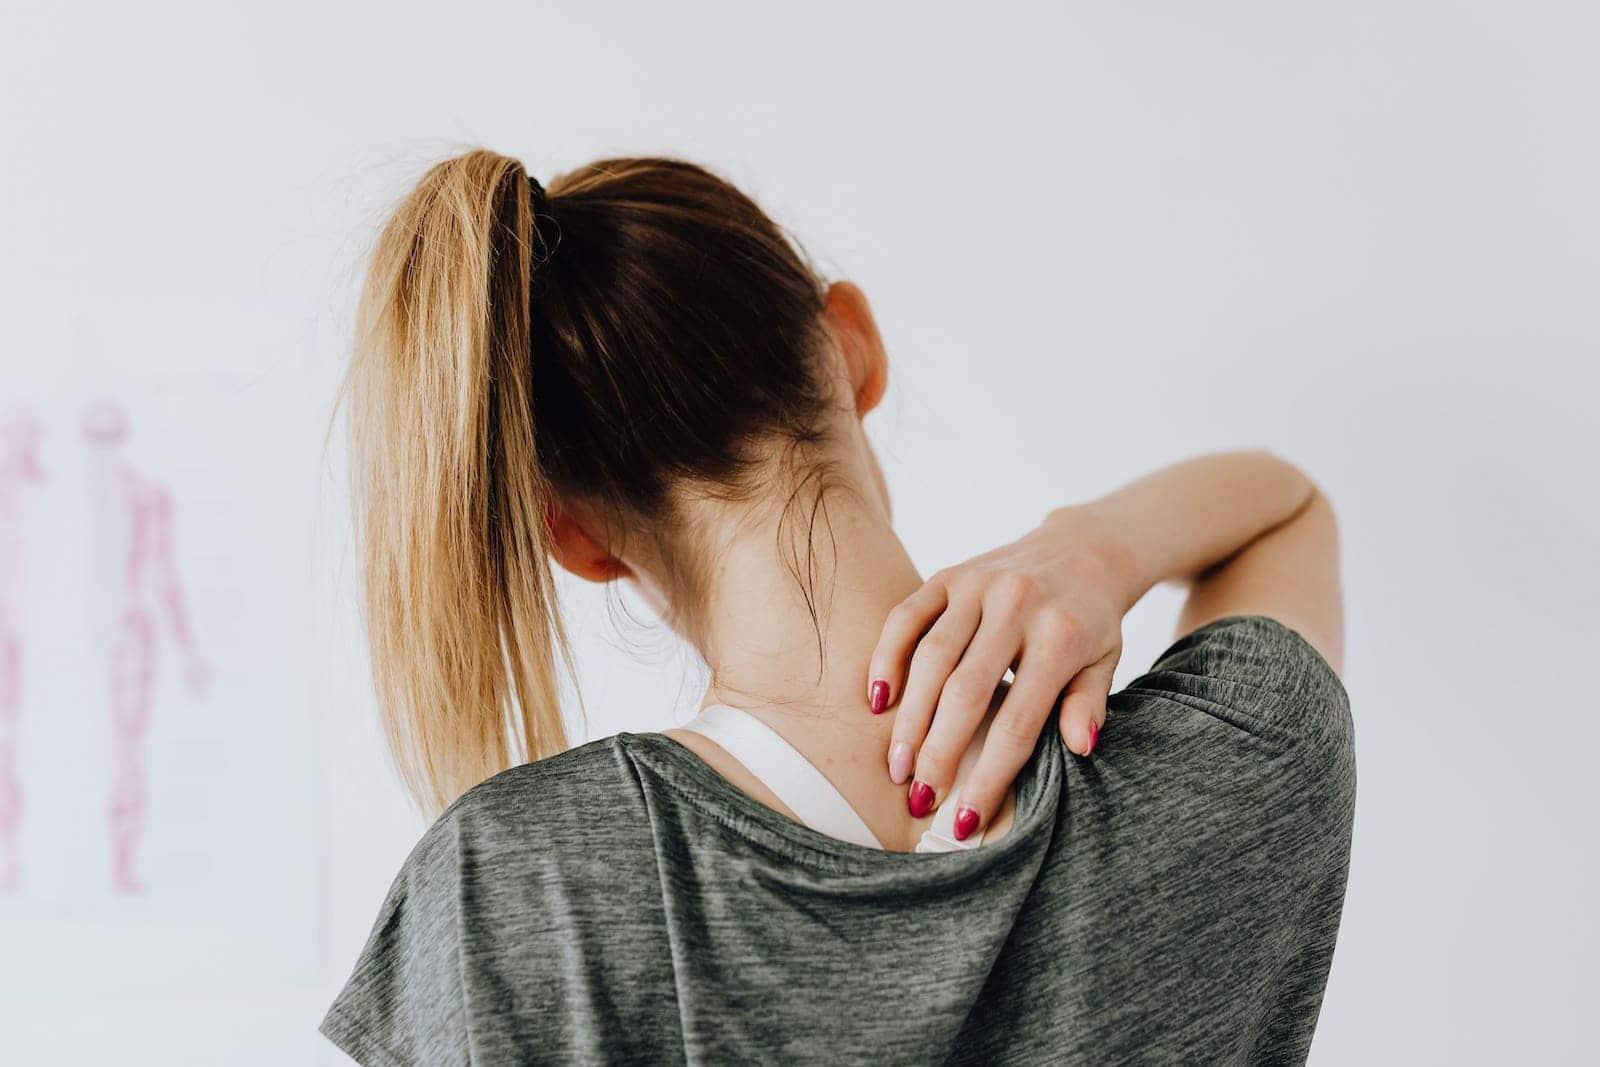 Dolor escapular y dorsal en pacientes jóvenes